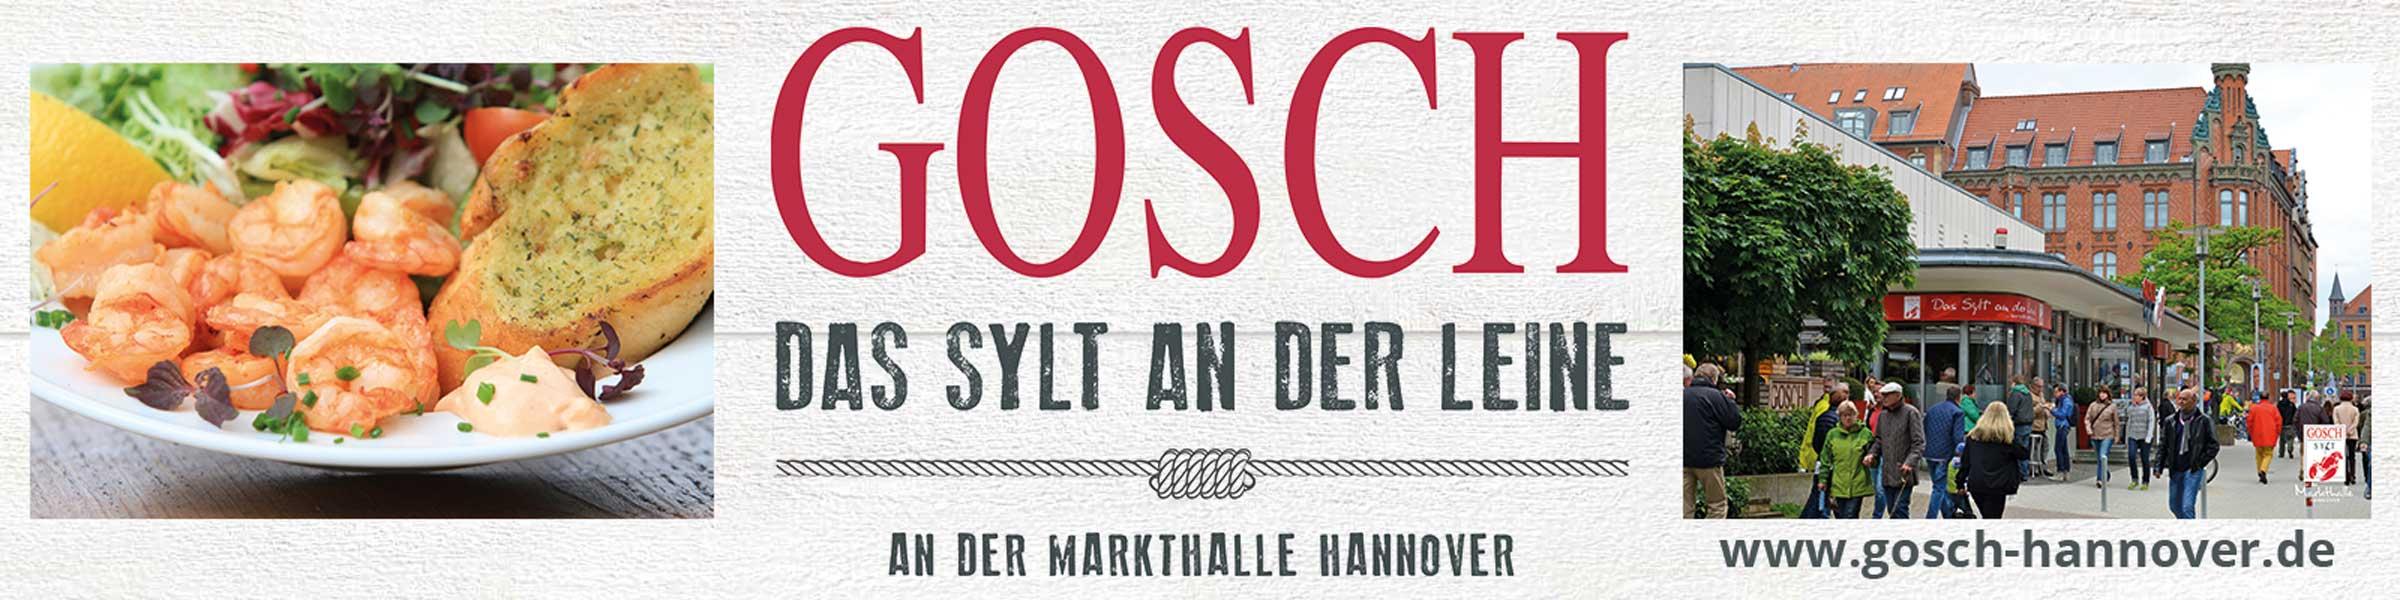 GOSCH Hannover - Das Sylt an der Leine